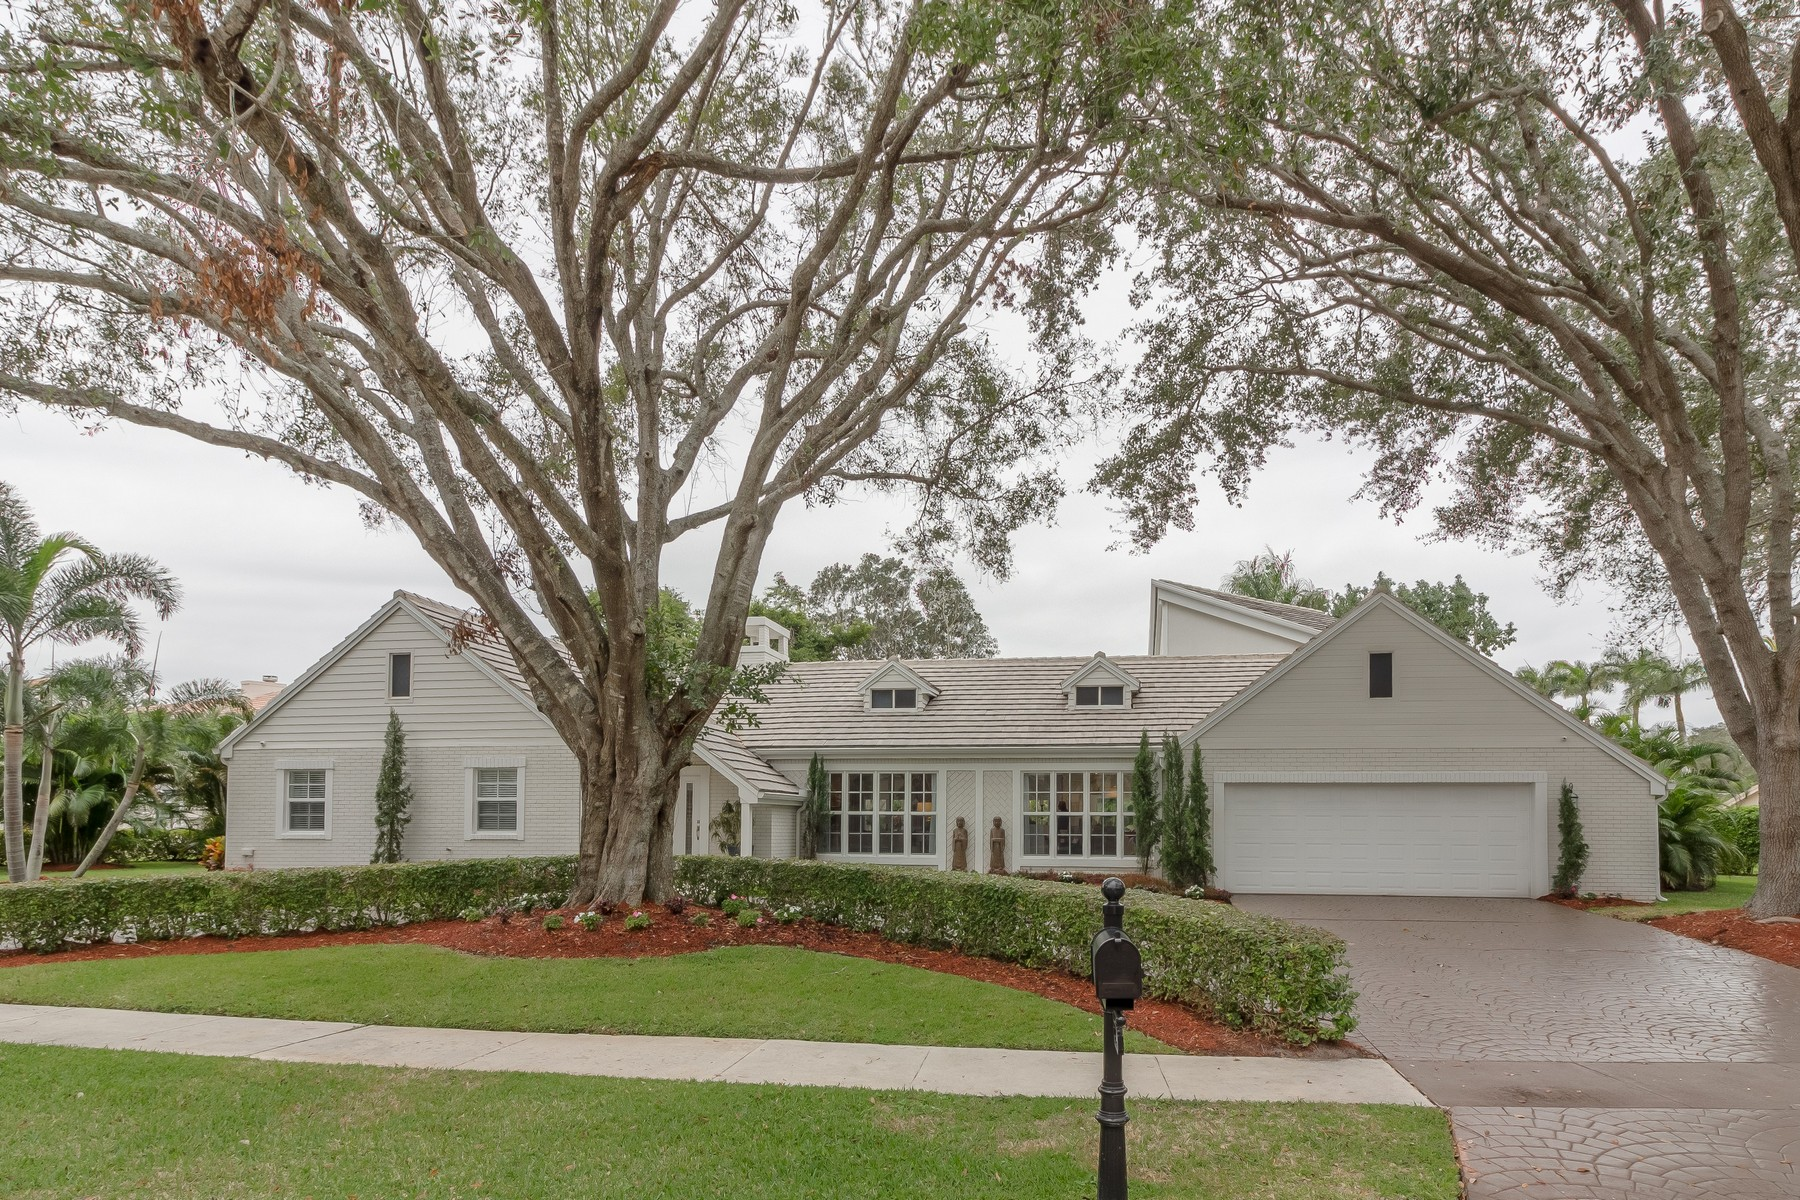 Частный односемейный дом для того Продажа на 2099 NW 30th Rd , Boca Raton, FL 33431 2099 NW 30th Rd Boca Raton, Флорида 33431 Соединенные Штаты